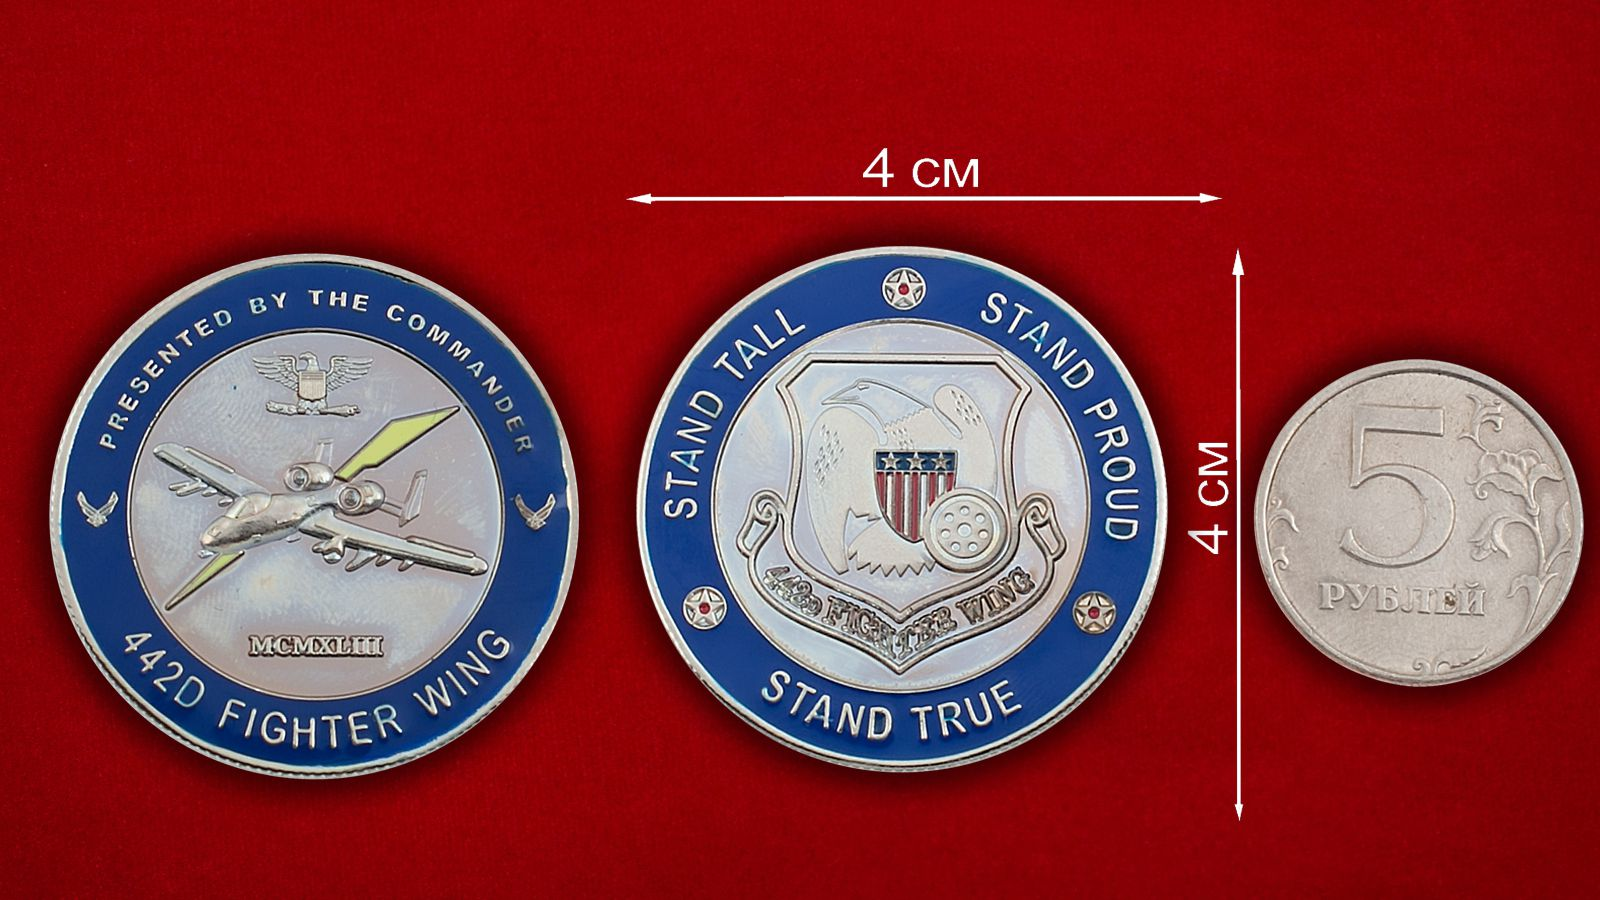 """Челлендж коин """"442-му Истребительному авиакрылу от командования"""" - сравнительный размер"""